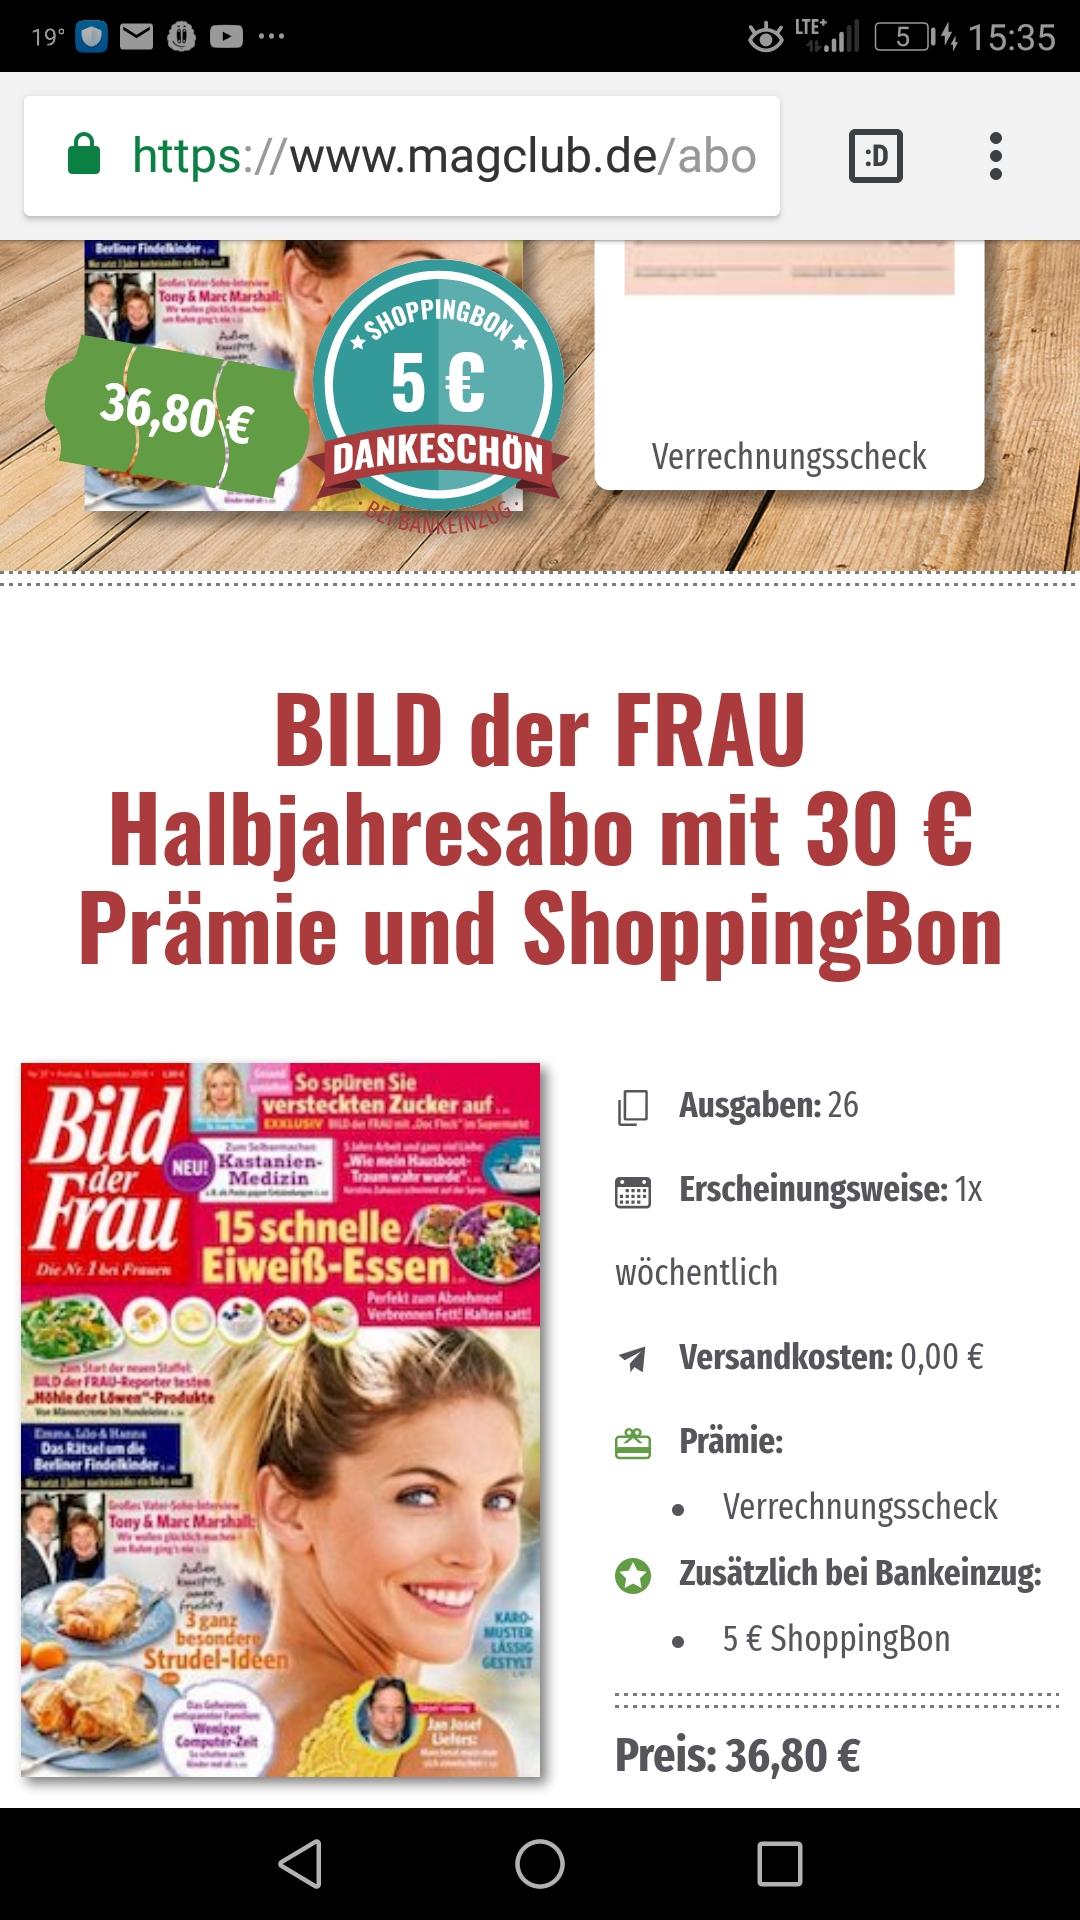 [ magclub ] 26 Ausgaben Bild der Frau +30€ Verrechnungsscheck und 5€ ShoppingBon für 36,80€